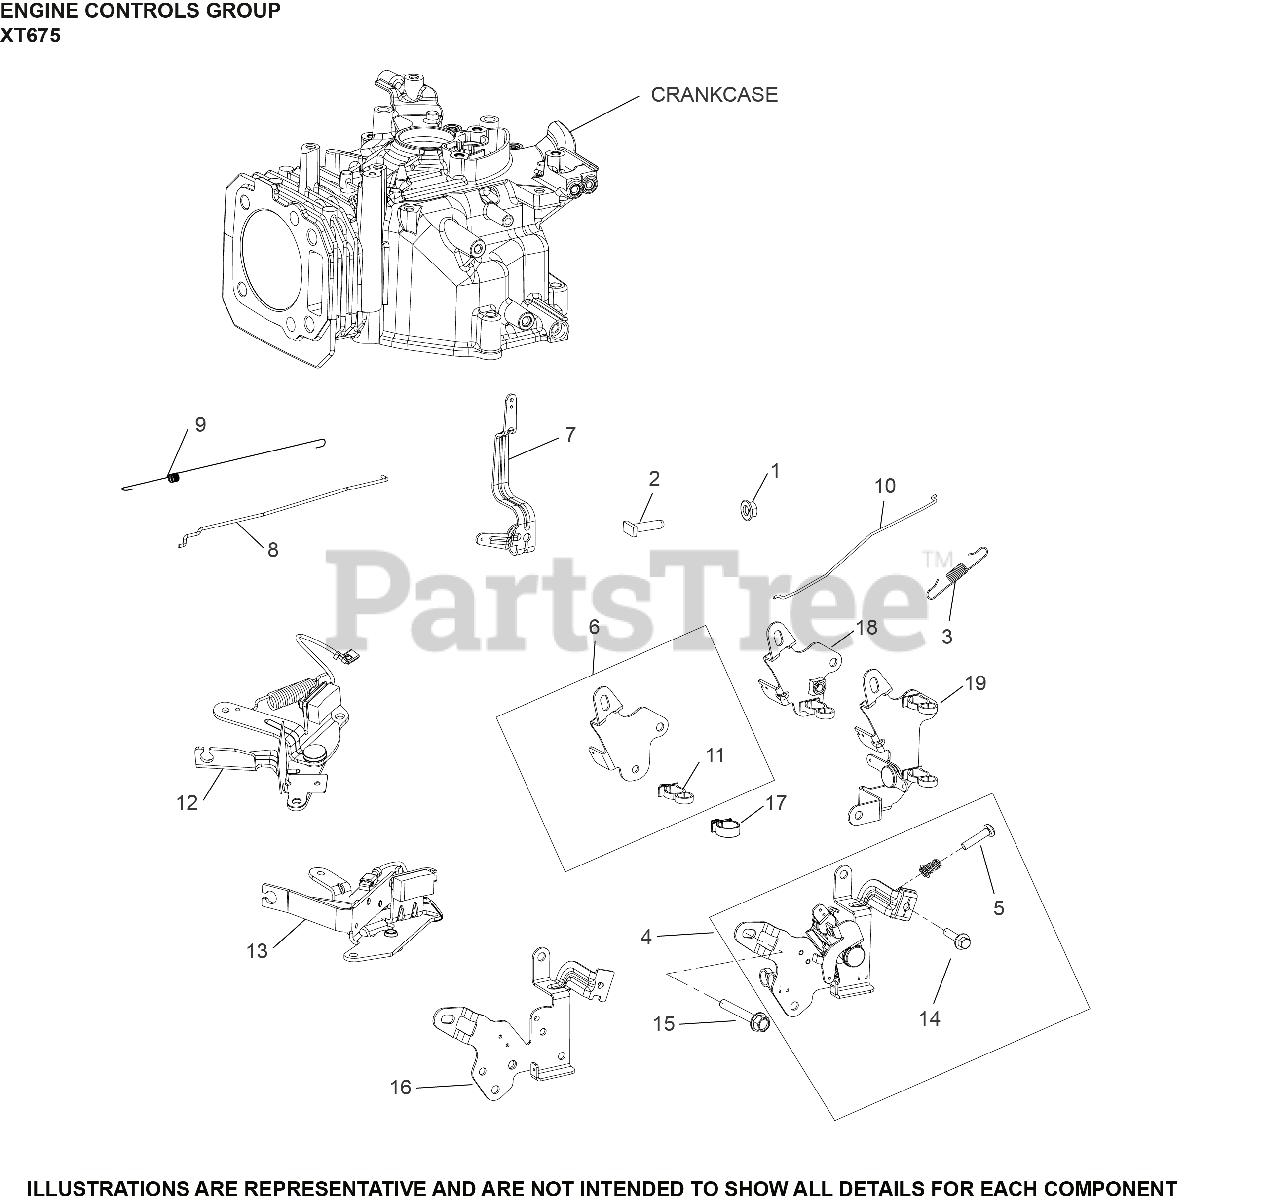 Kohler Xt675